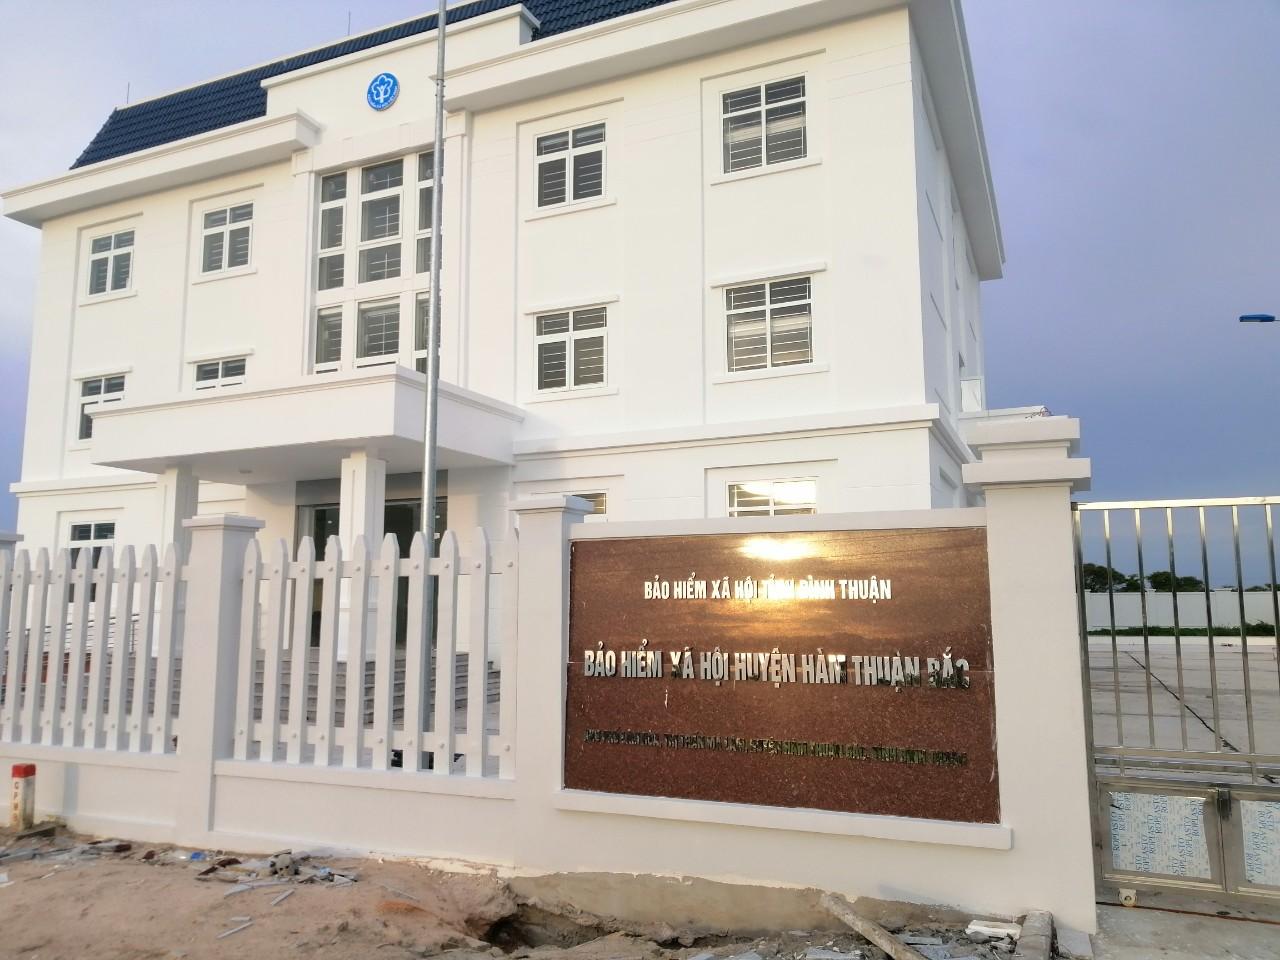 Thi công tấm compact Laminate tại Bảo hiểm xã hội huyện Hàm Thuận Bắc, Ninh Thuận